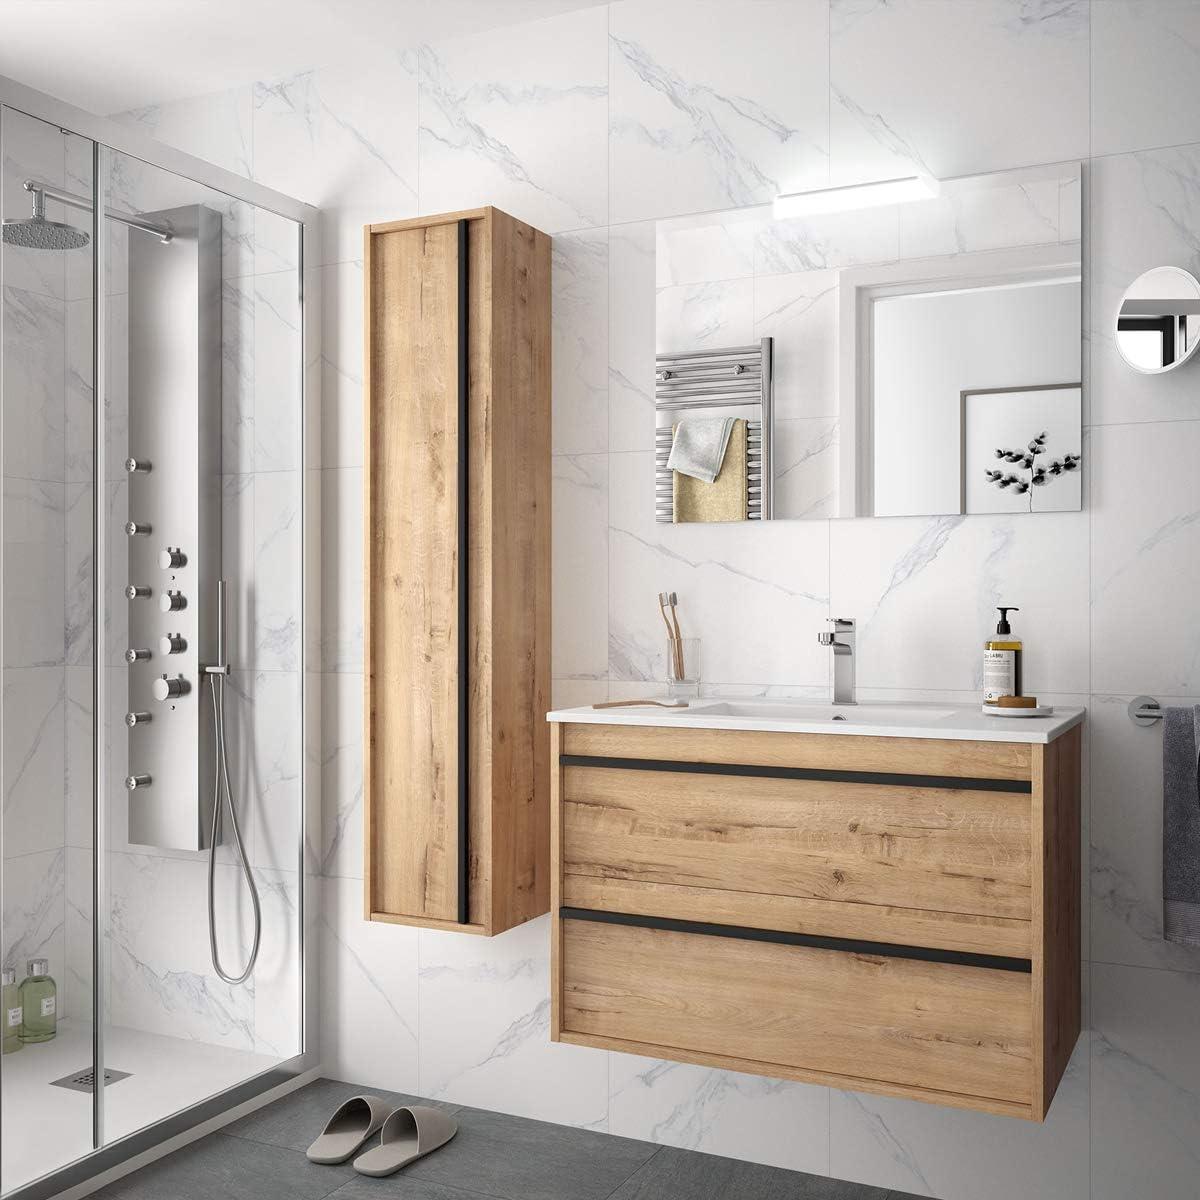 - Mobile Bagno sospeso Legno Modello Attila 80 cm con lavabo Specchio LED e Colonna Varie Colorazioni Completa Yellowshop Bianco Lucido